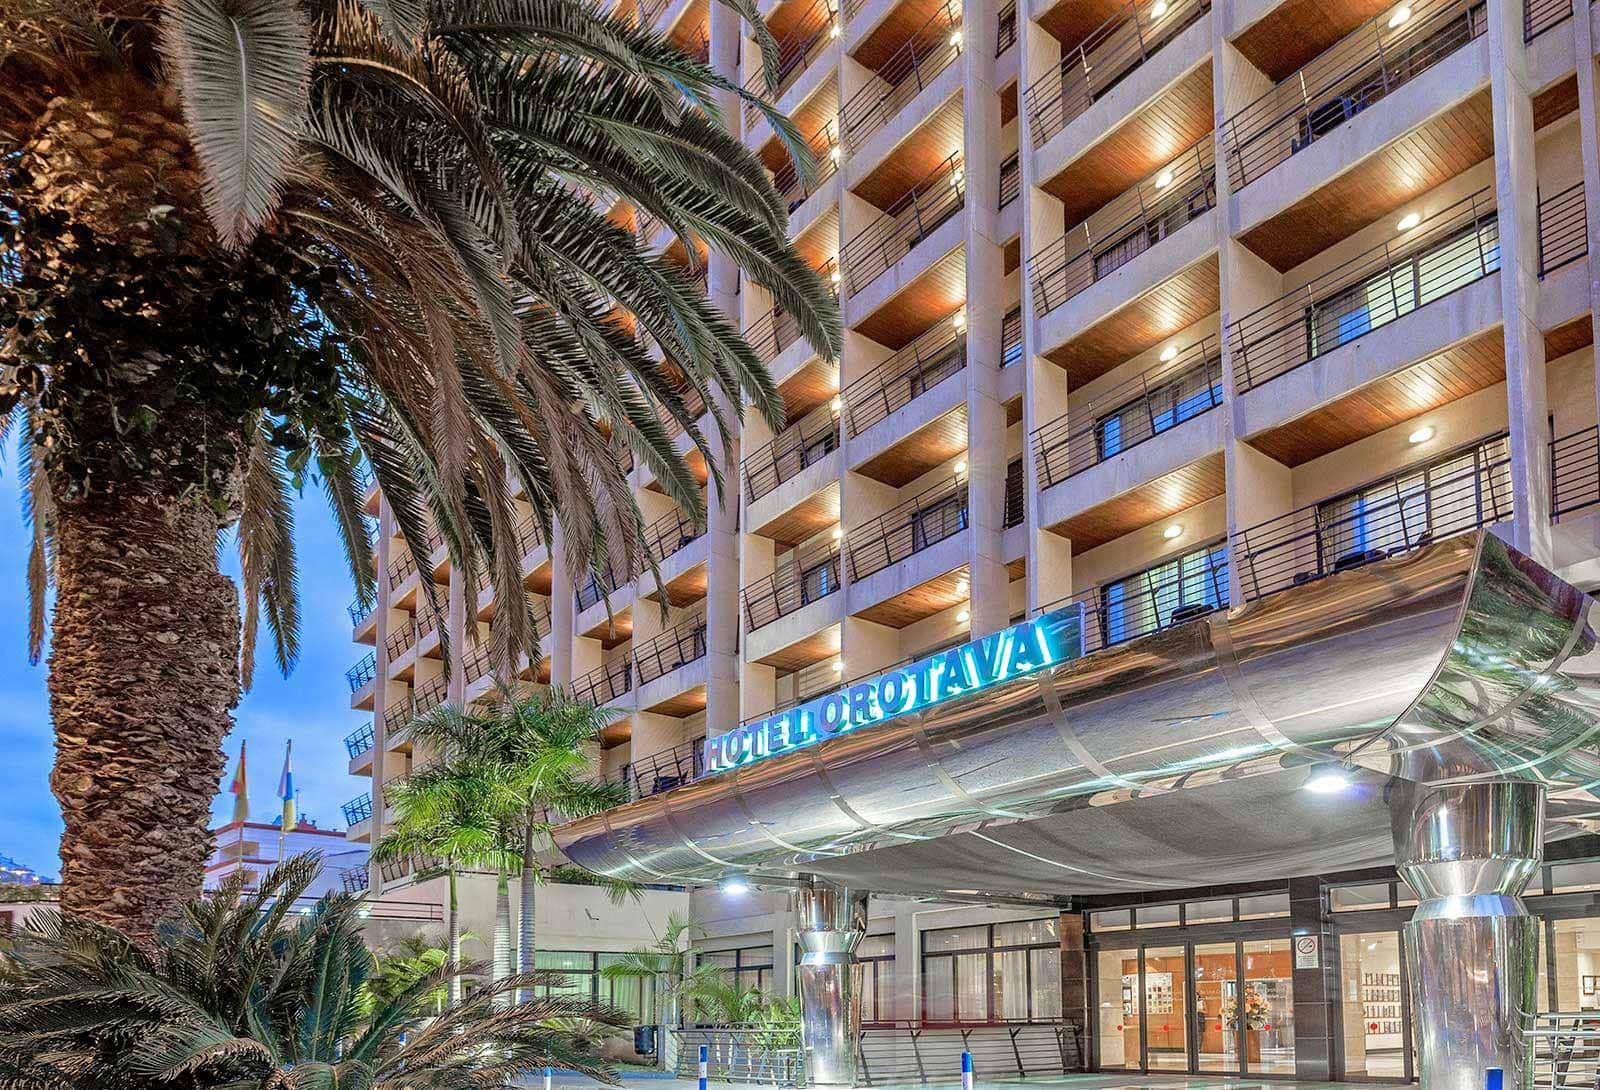 Be live experience orotava hotel family hotel in puerto de la cruz tenerife - Hotel orotava puerto de la cruz ...